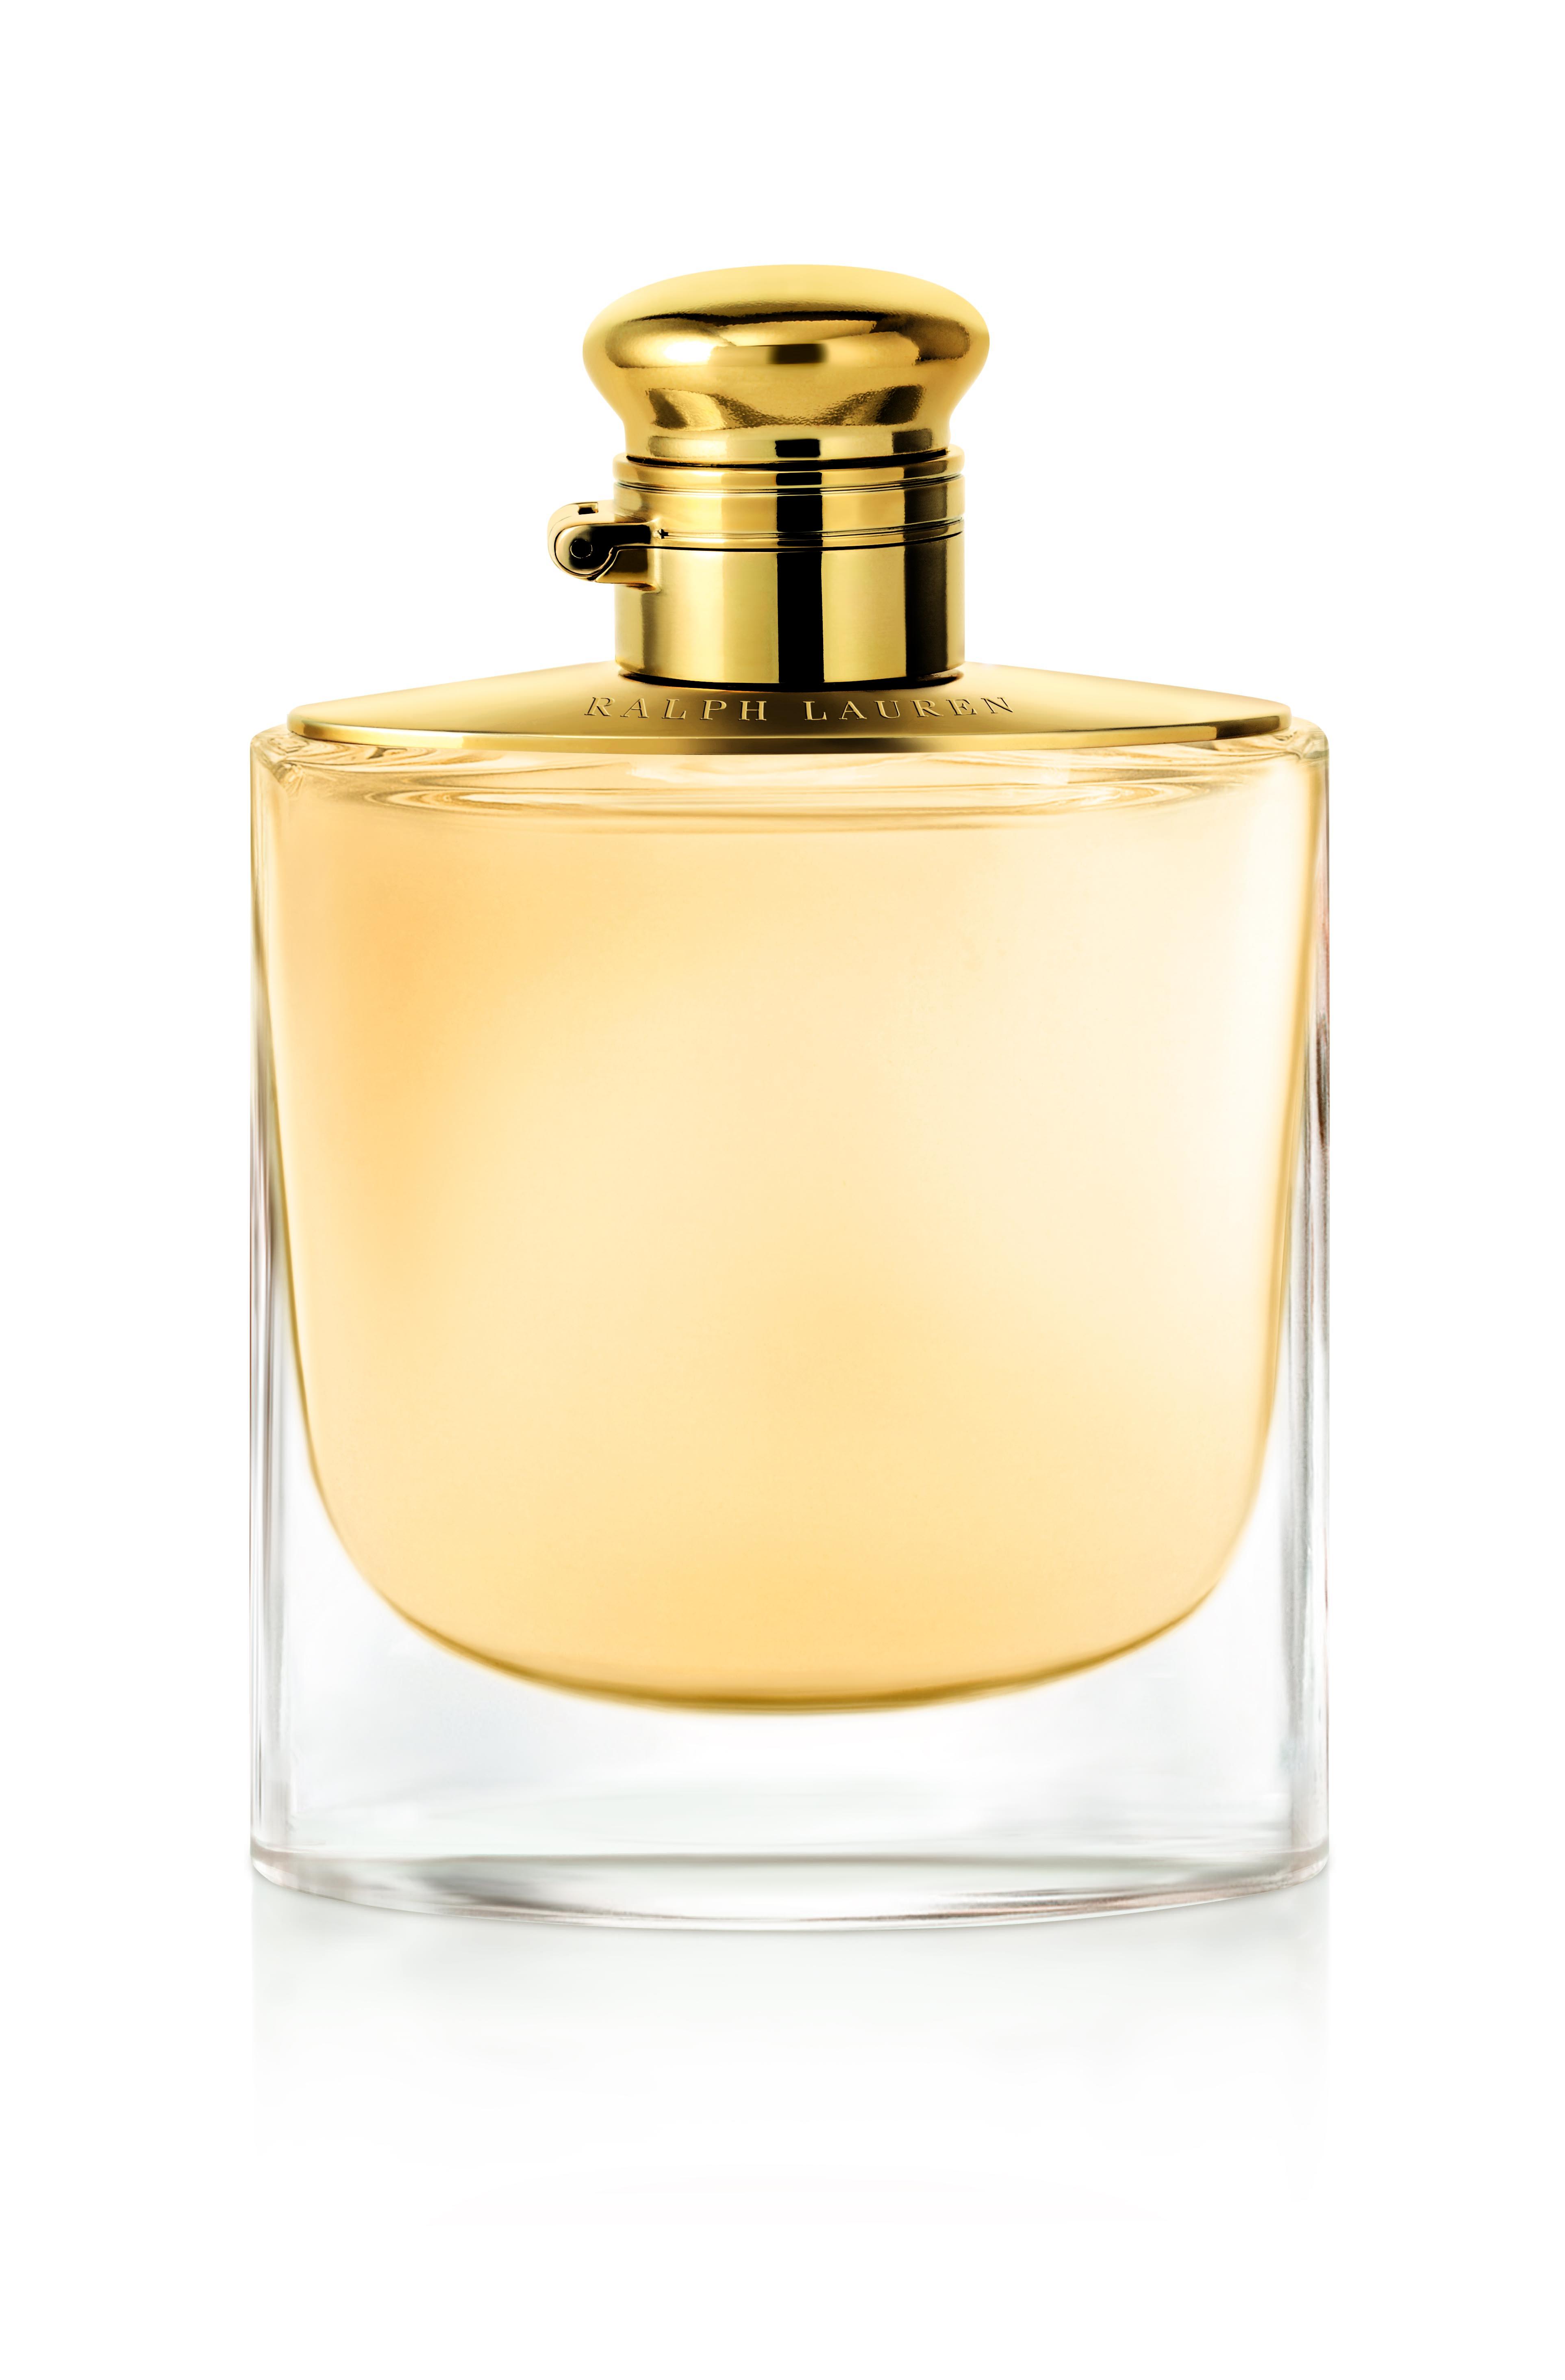 Ralph Lauren Woman EDP, 100 ml